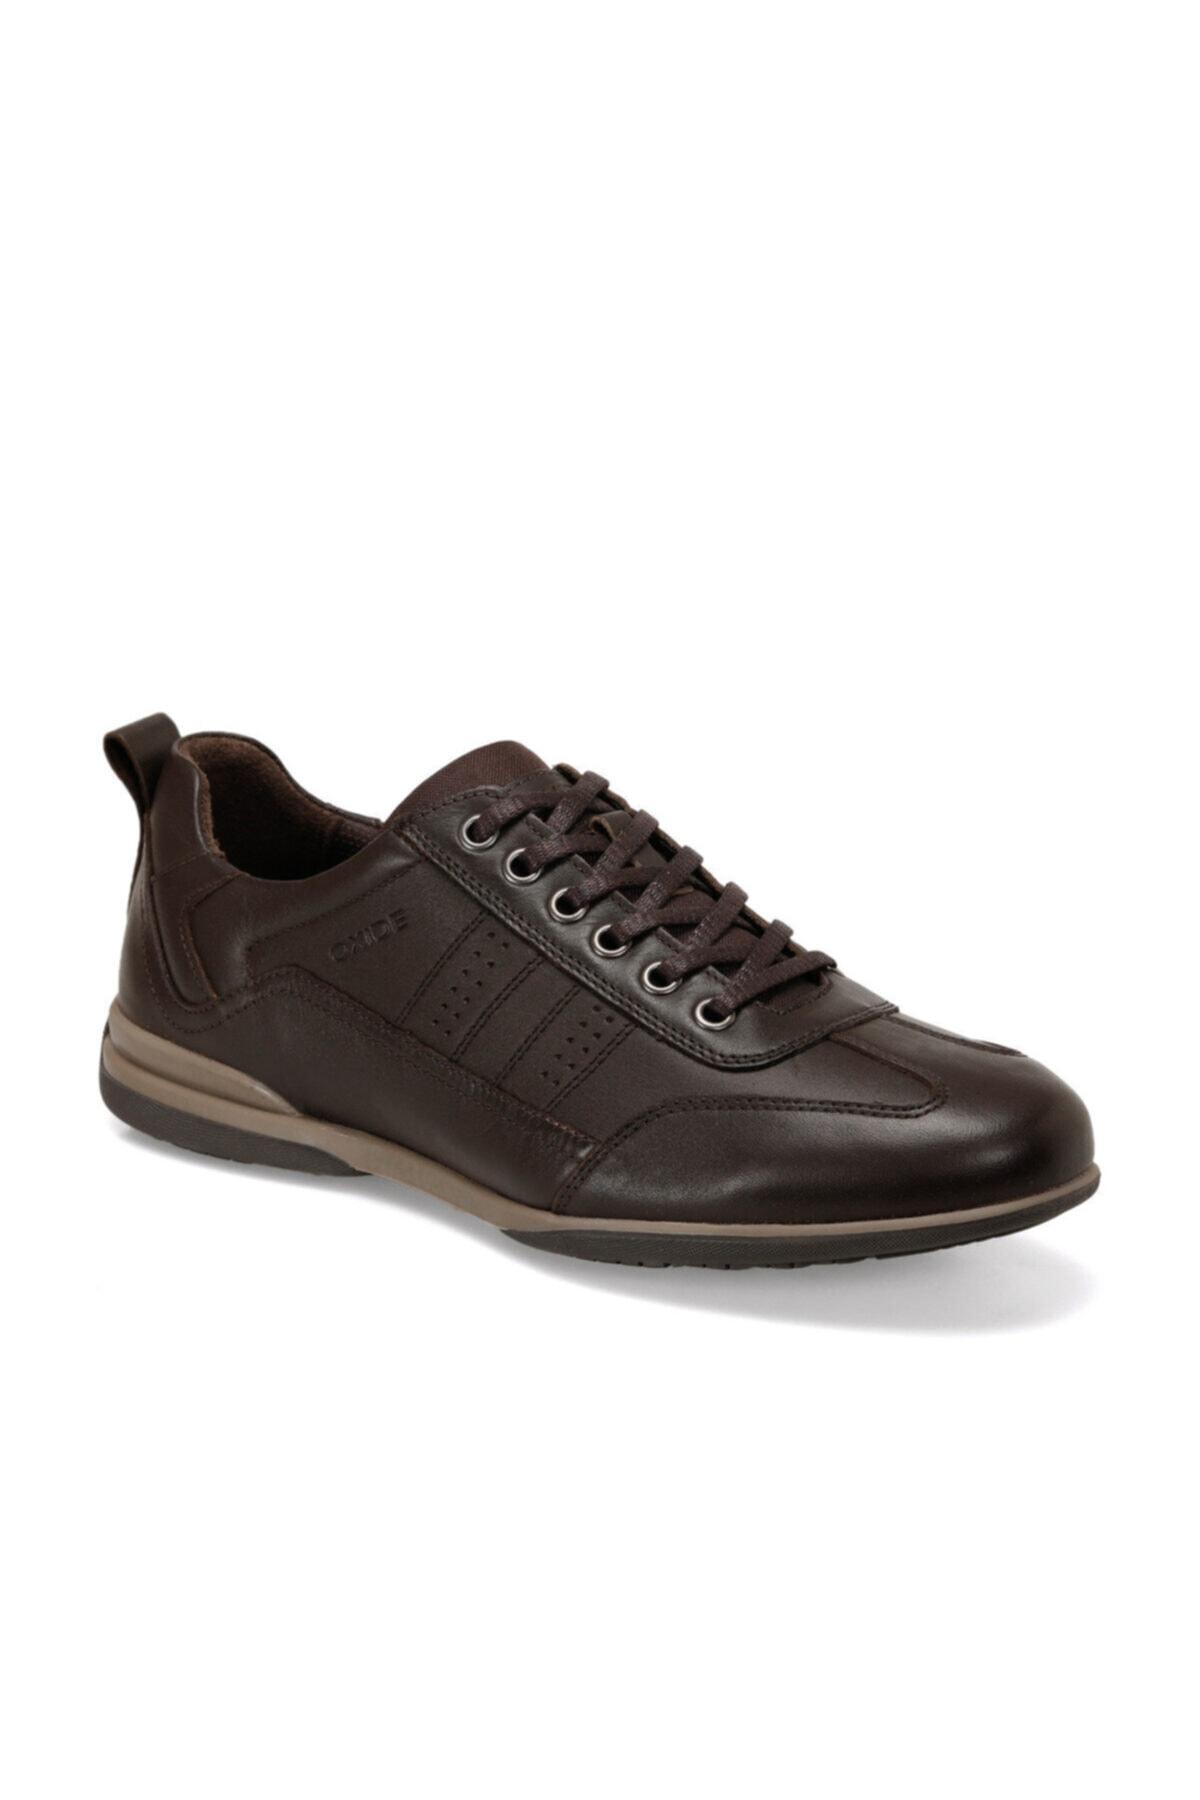 OXIDE 20116-x Kahverengi Erkek Günlük Ayakkabı 1